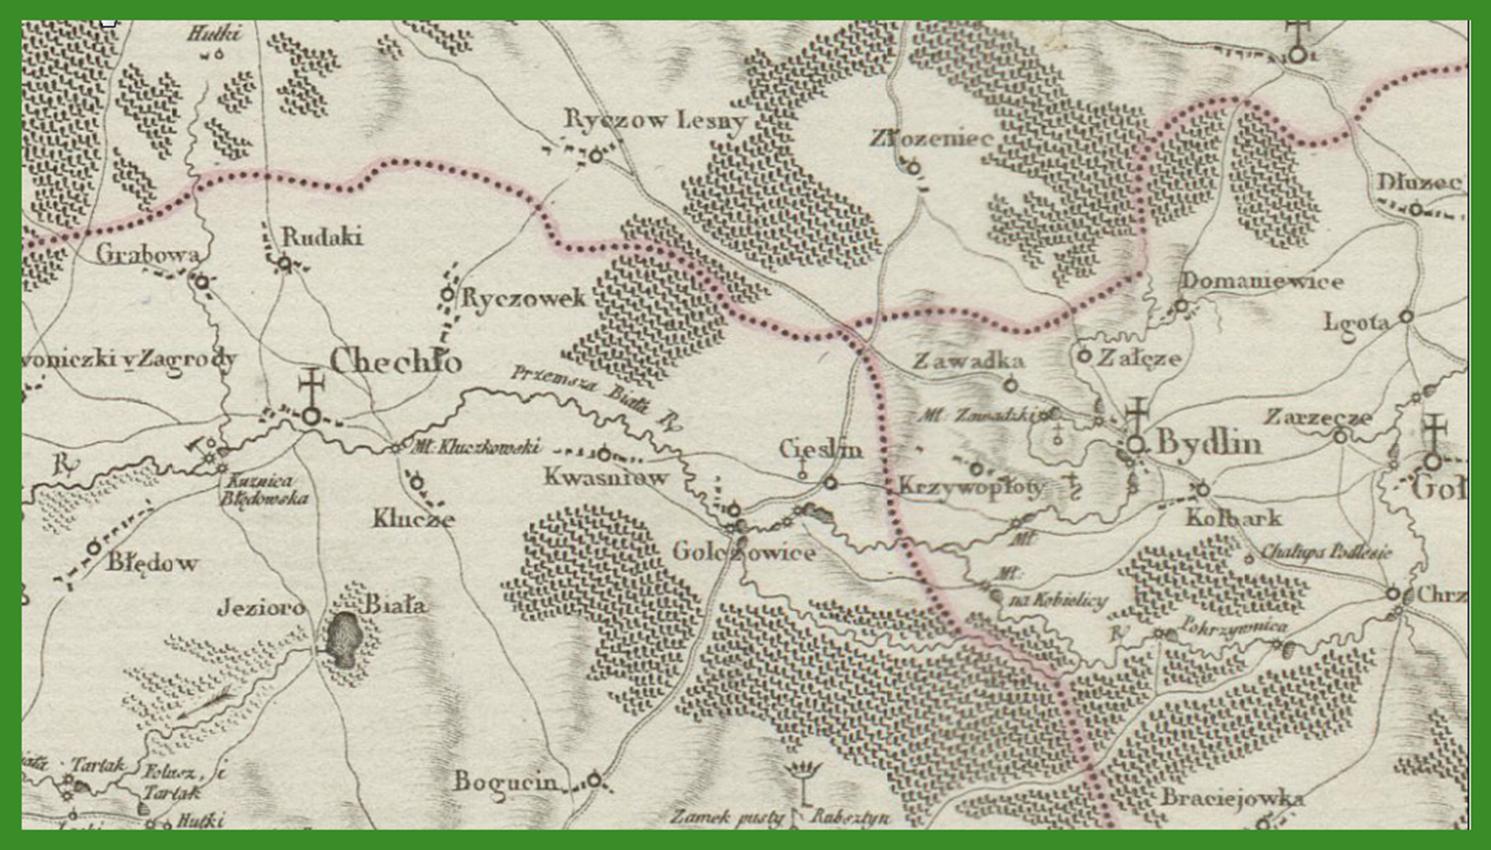 Mappa szczegulna Woiewodztwa Krakowskiego i Xięstwa Siewierskiego (fragment). Edit